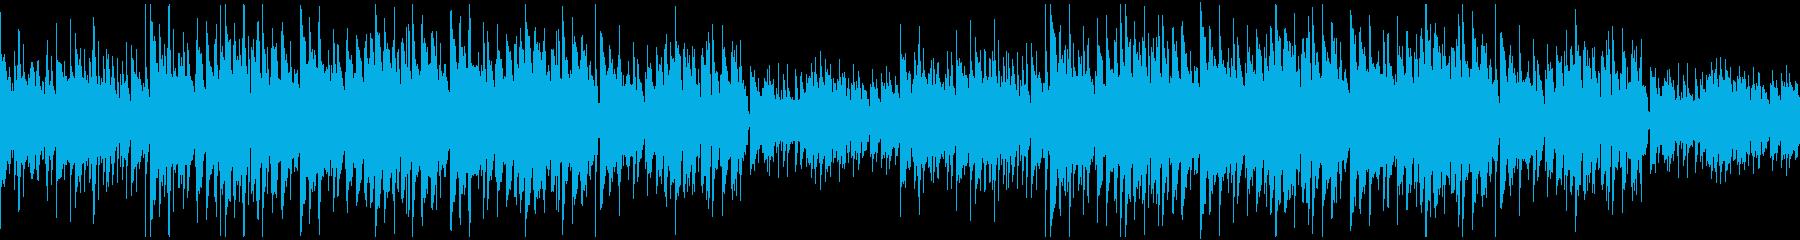 かわいい・弾むようなリズムの日常系BGMの再生済みの波形